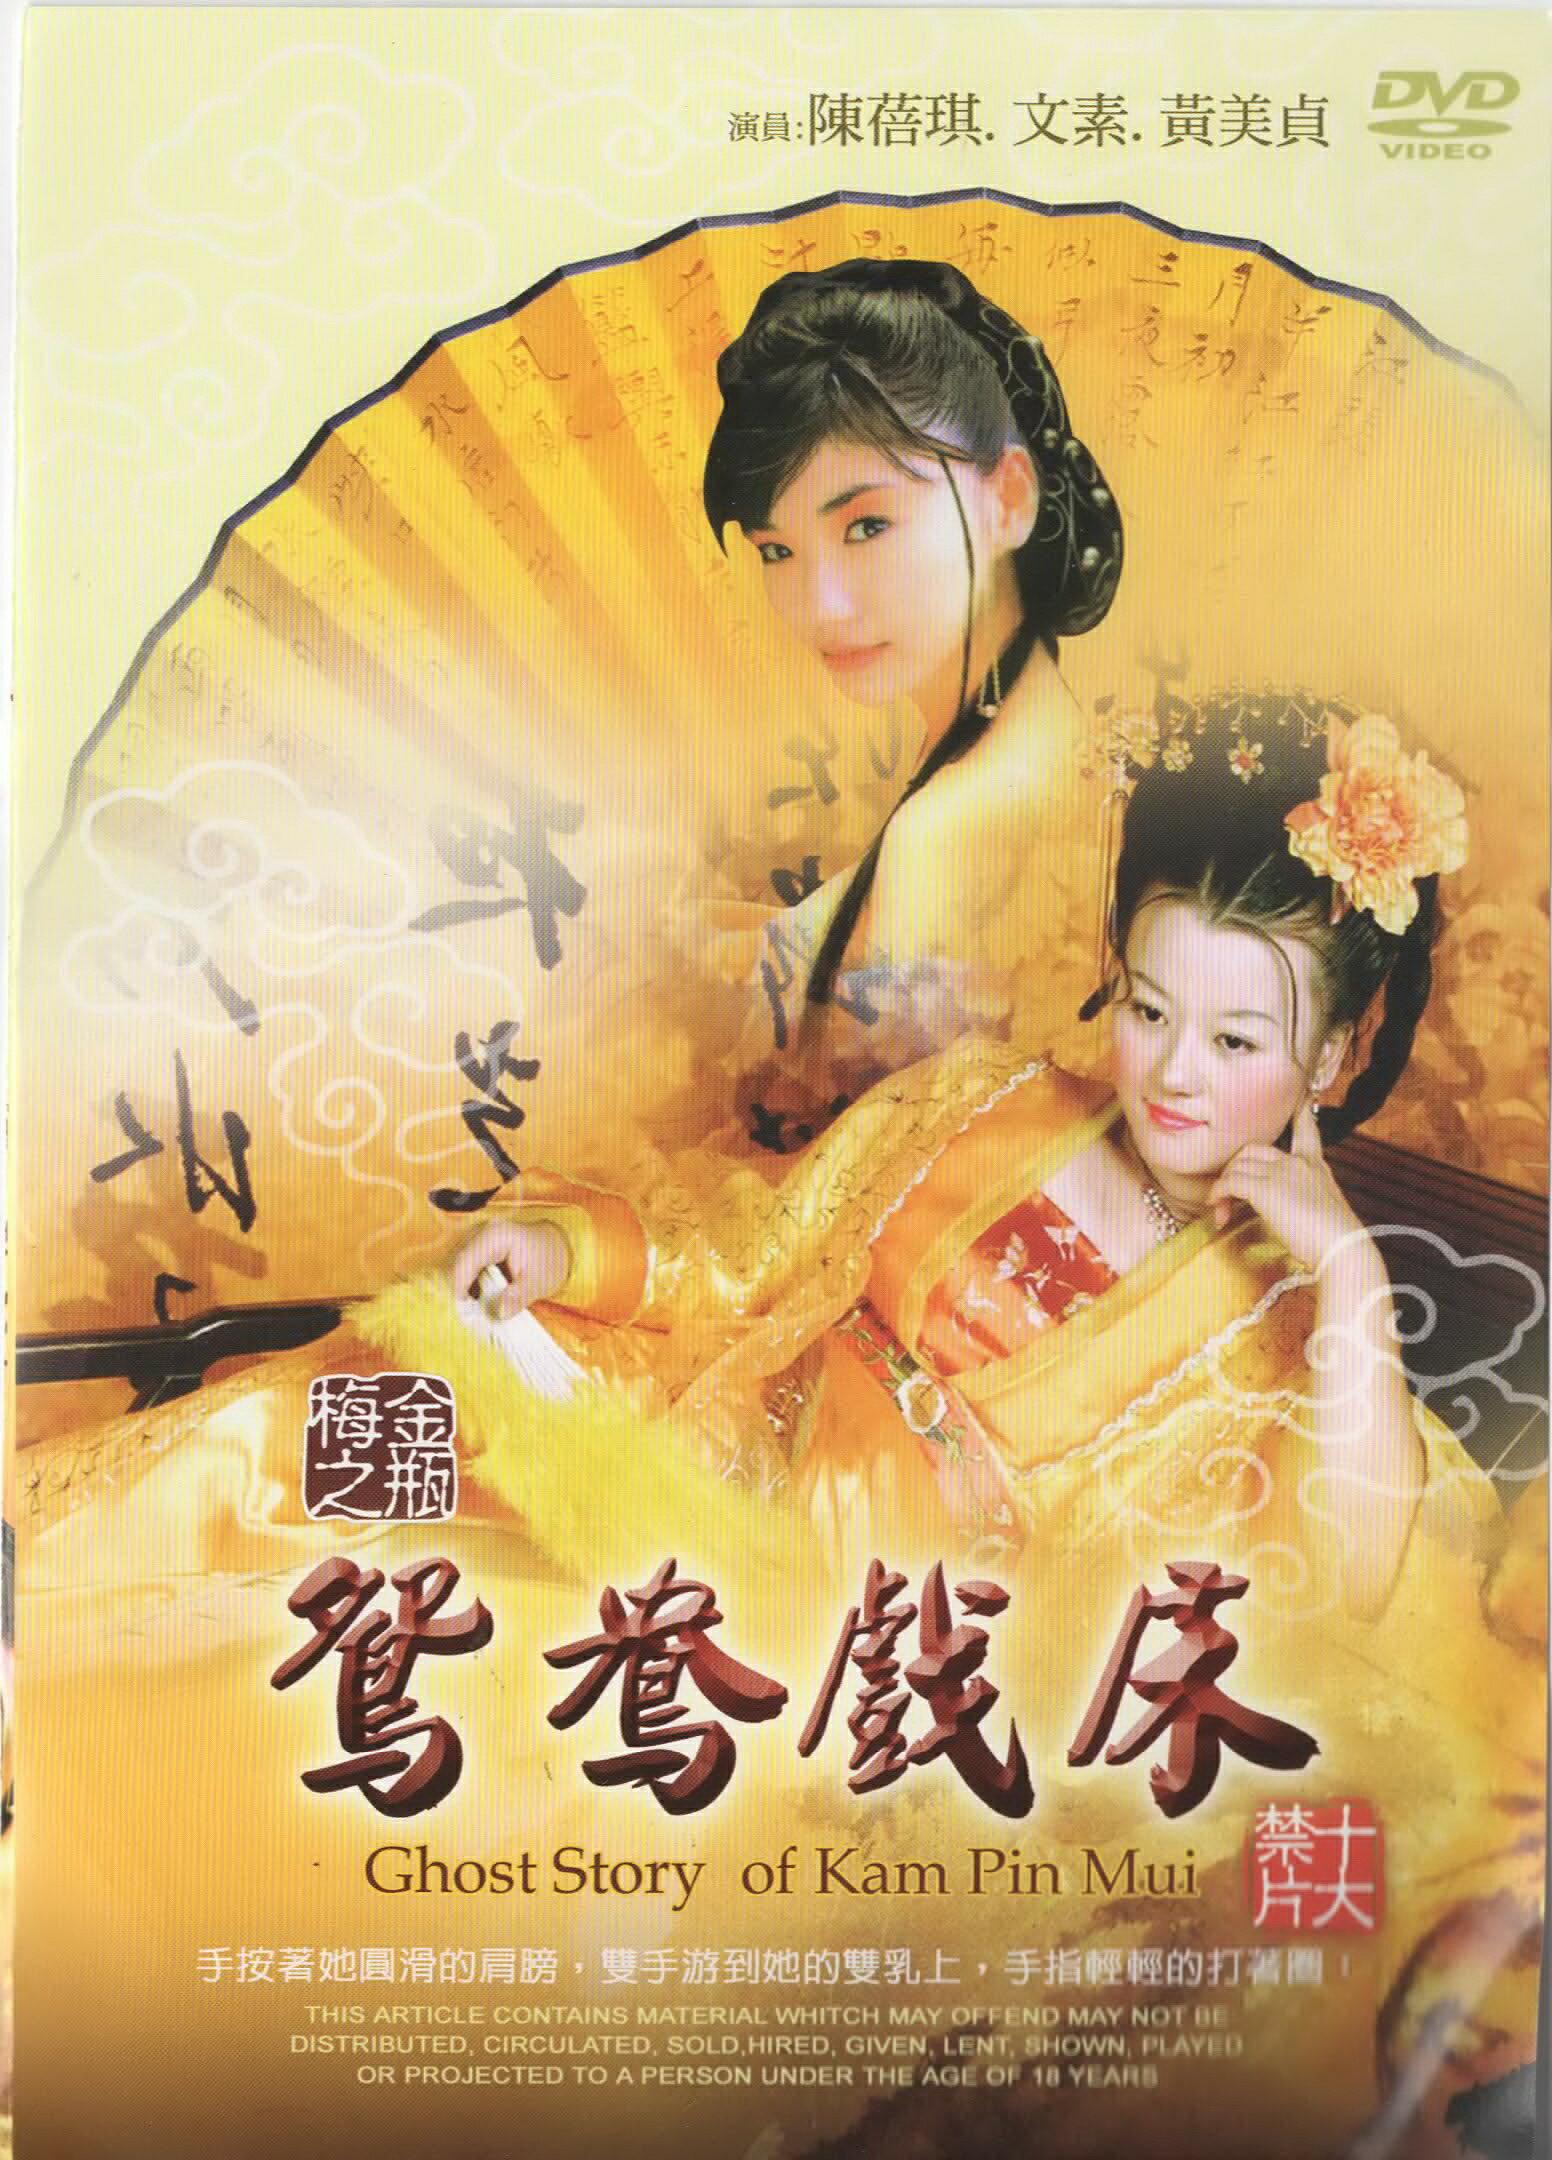 金瓶梅之鴛鴦戲床*DVD